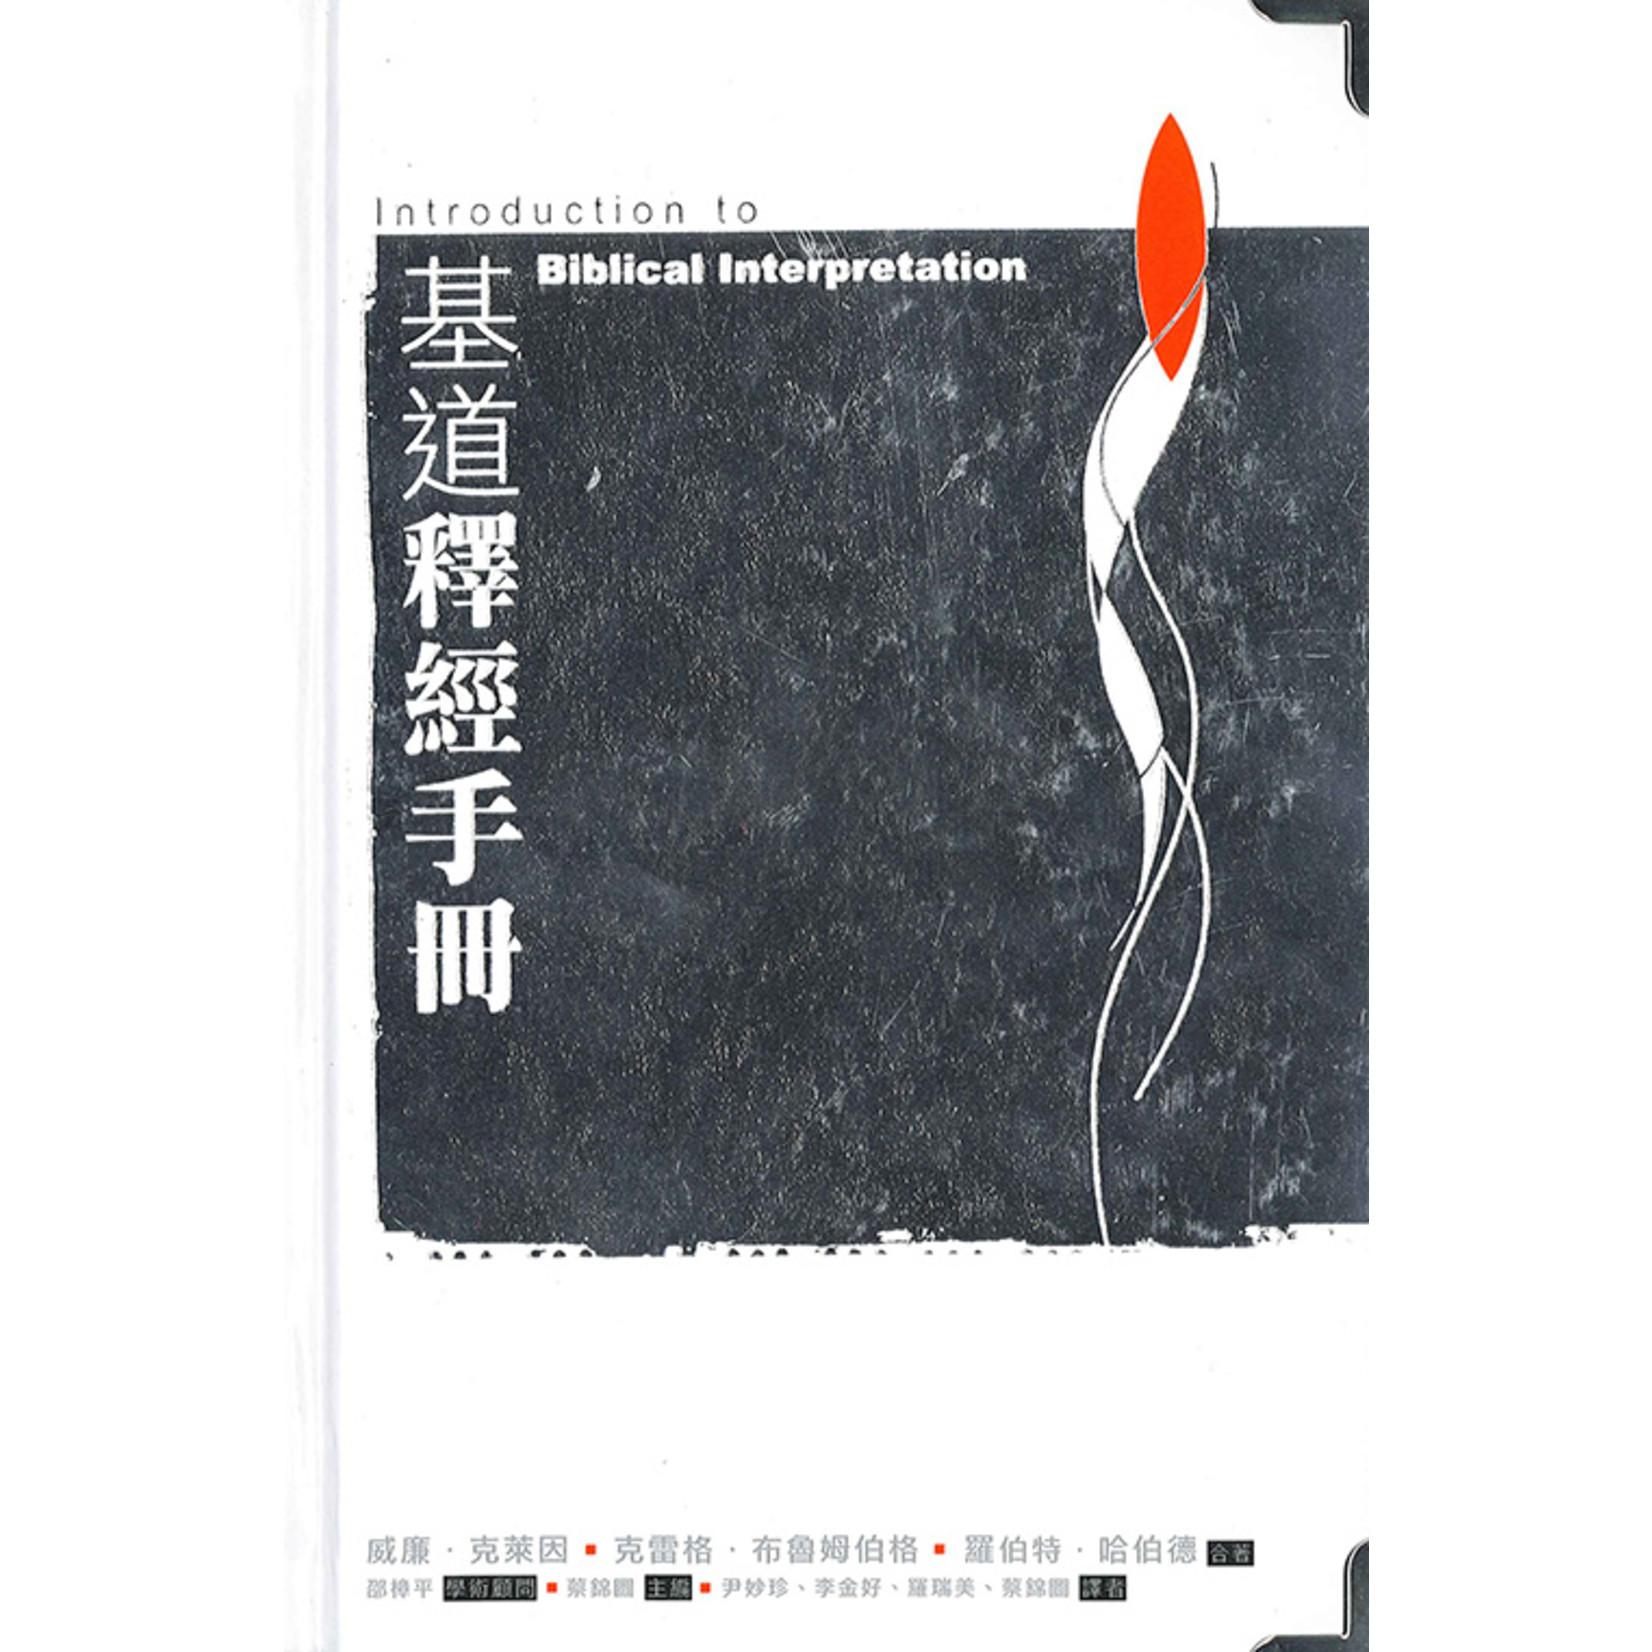 基道 Logos Book House 基道釋經手冊 Introduction to Biblical Interpretation